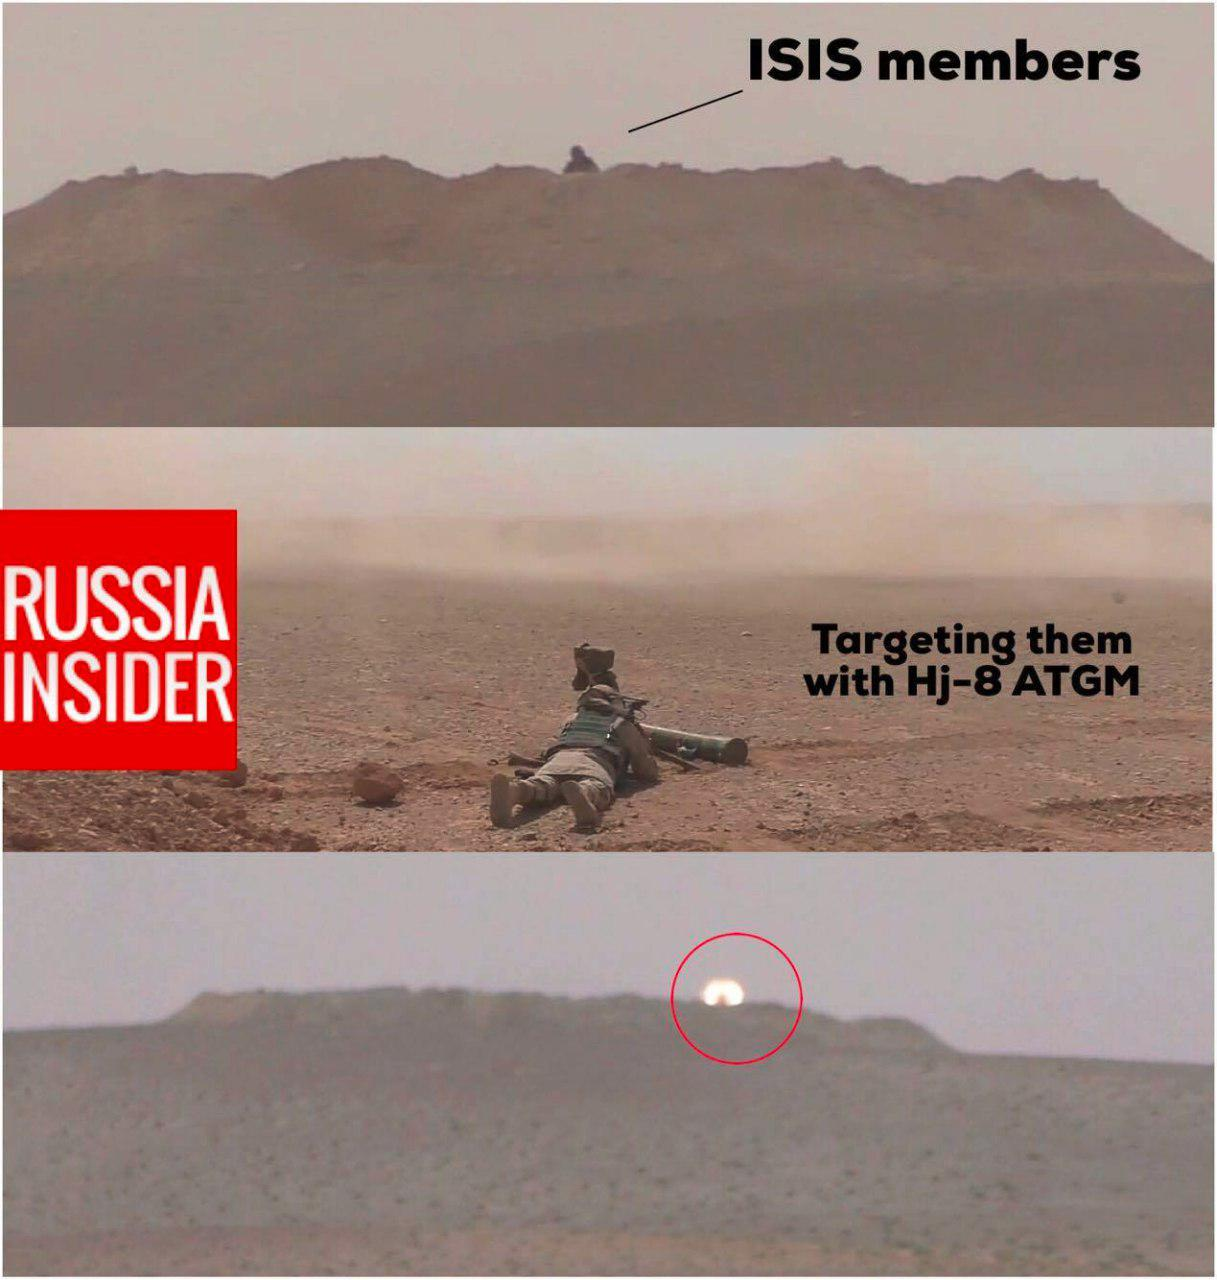 Ξεκινάει η μητέρα των μαχών για Deir Ezzor: Στη Συρία ο Ρώσος Α/ΓΕΕΘΑ – Οι ρωσικές δυνάμεις με τεράστια δύναμη πυρός σημαδεύουν τις ΝΑΤΟϊκές στη Ν.Συρία – Ρωσικό μαχητικό αναχαίτισε αμερικανικό αεροσκάφος – Δείτε βίντεο και εικόνες - Εικόνα8